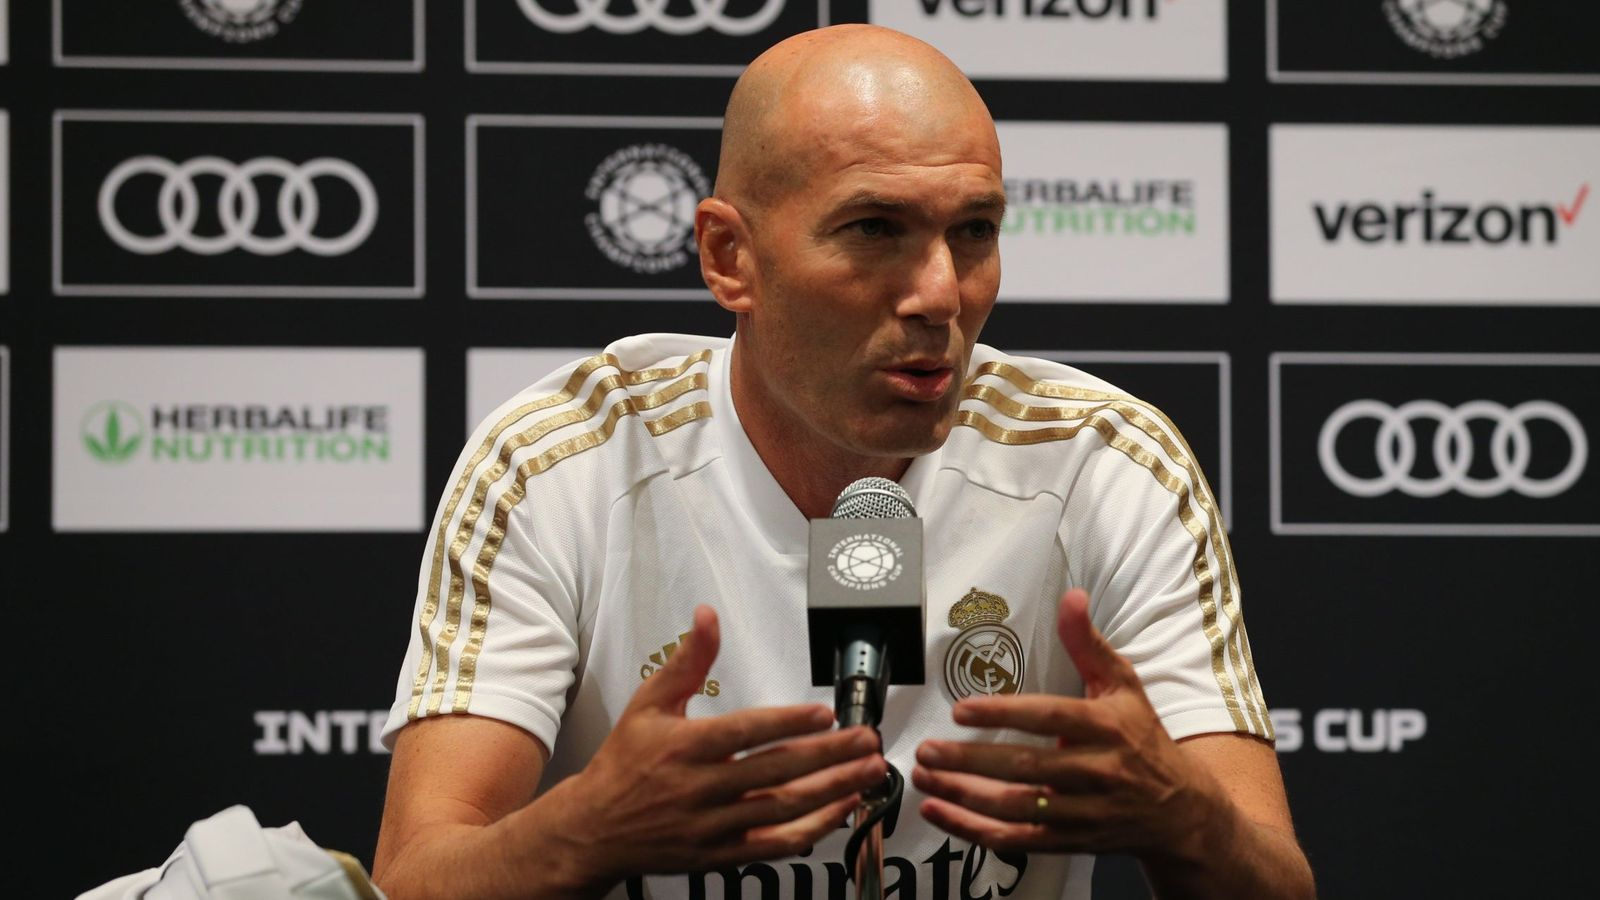 Foto: Zidane durante la rueda de prensa después del primer partido disputado contra el Bayern de Múnich. (Efe)